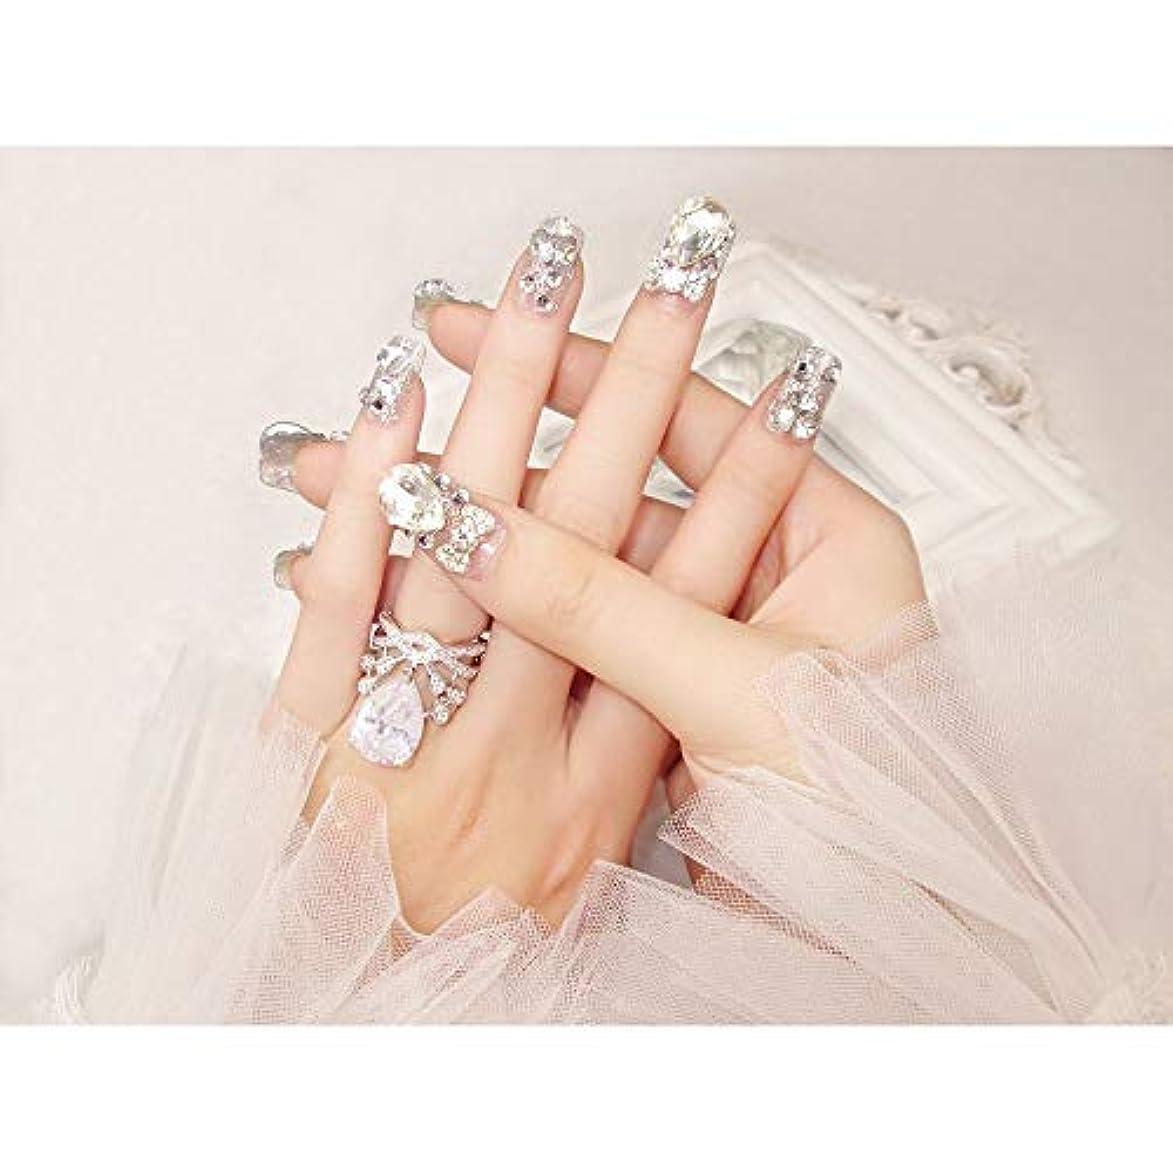 ビリー酸化物ことわざYESONEEP 完成した偽の釘24ピース箱入り花嫁シャイニー偽の爪の宝石ダイヤモンドの宝石ブライダルネイルステッカー (色 : 24 pieces)